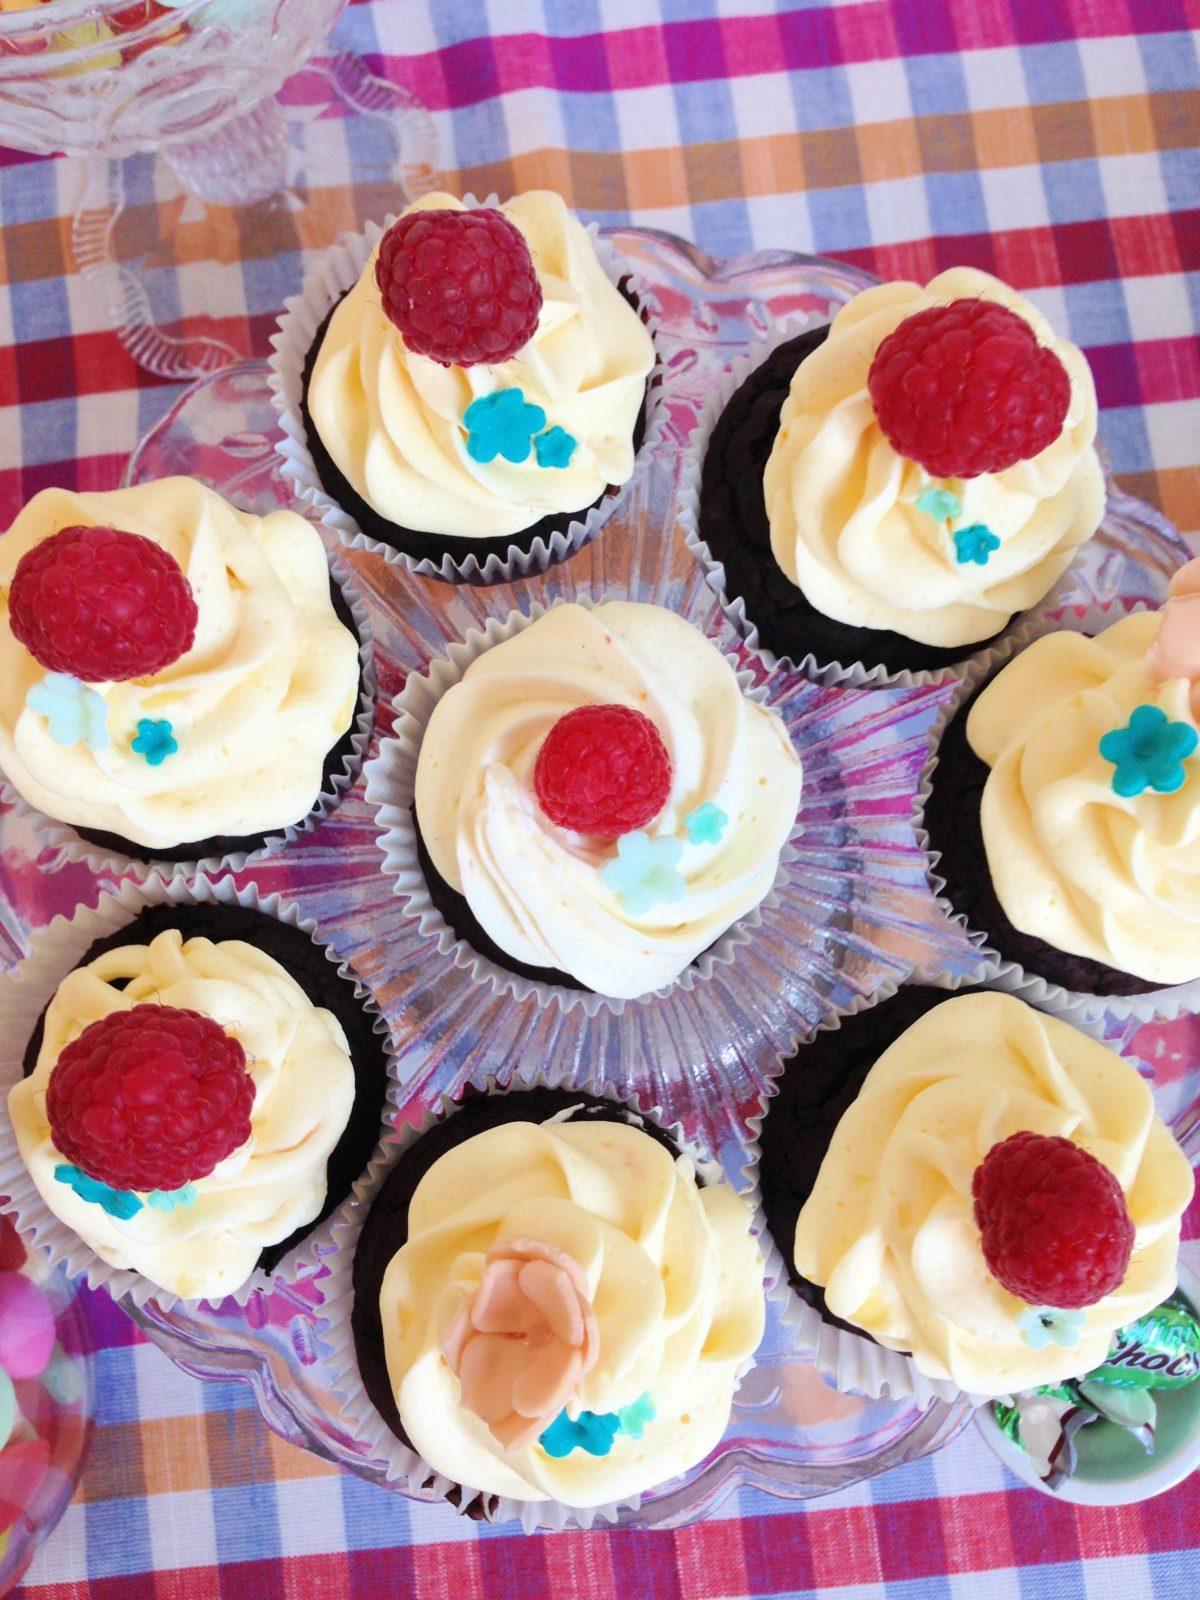 Bloomy Days Berlin, SisterMag, cupcakes